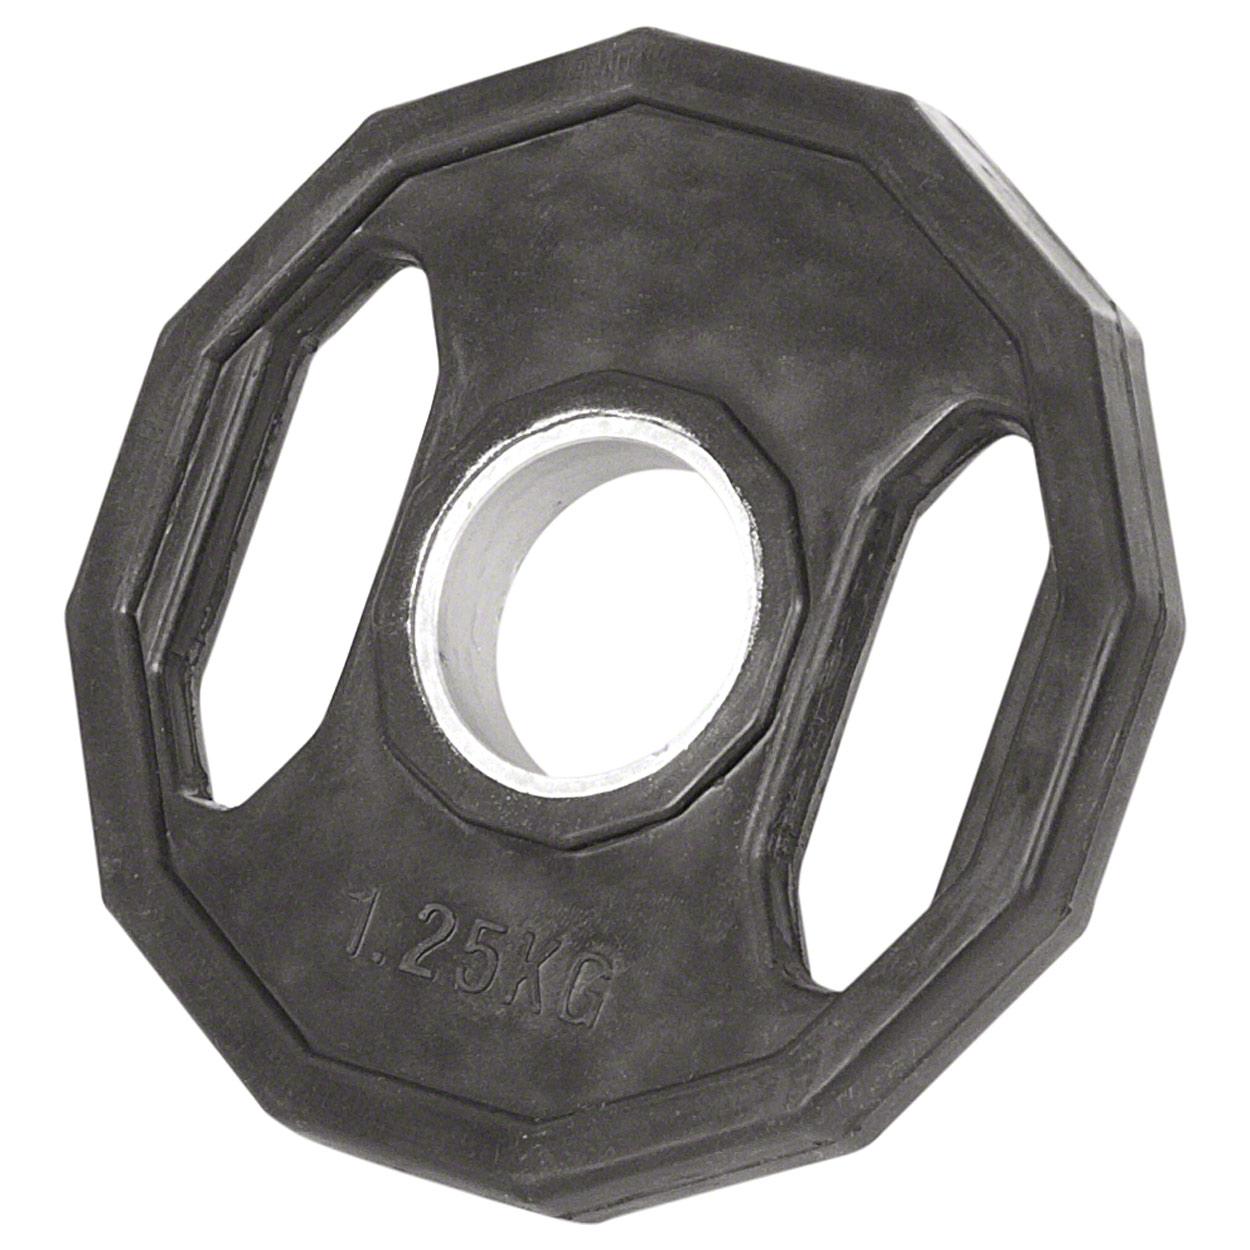 OLYMPIA Disco Bilanciere Disco OLYMPIA con gummüberzug e maniglia, pesi ad7a08